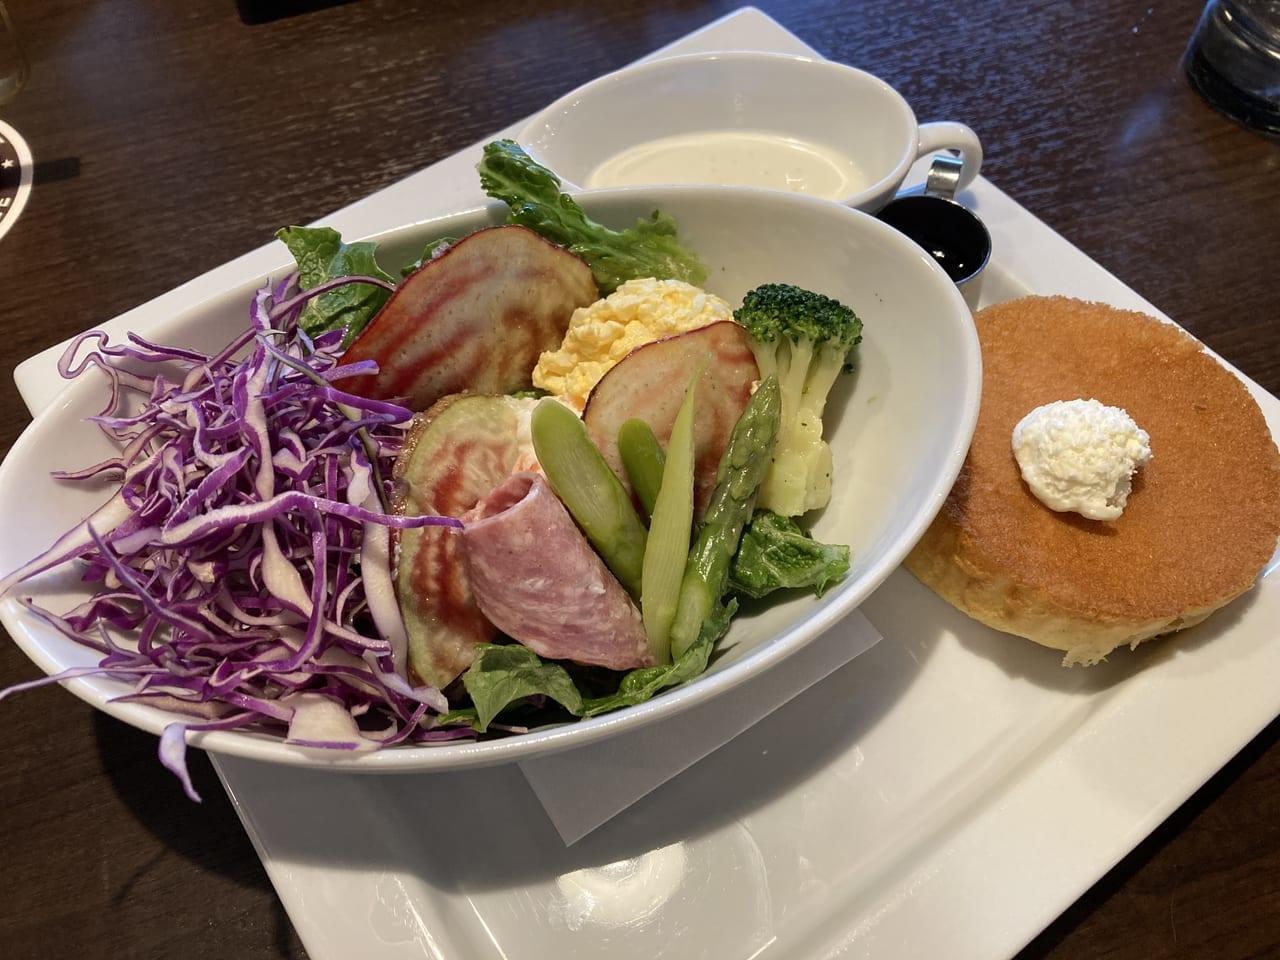 星乃珈琲店の春野菜のシーザーサラダ&パンケーキプレート